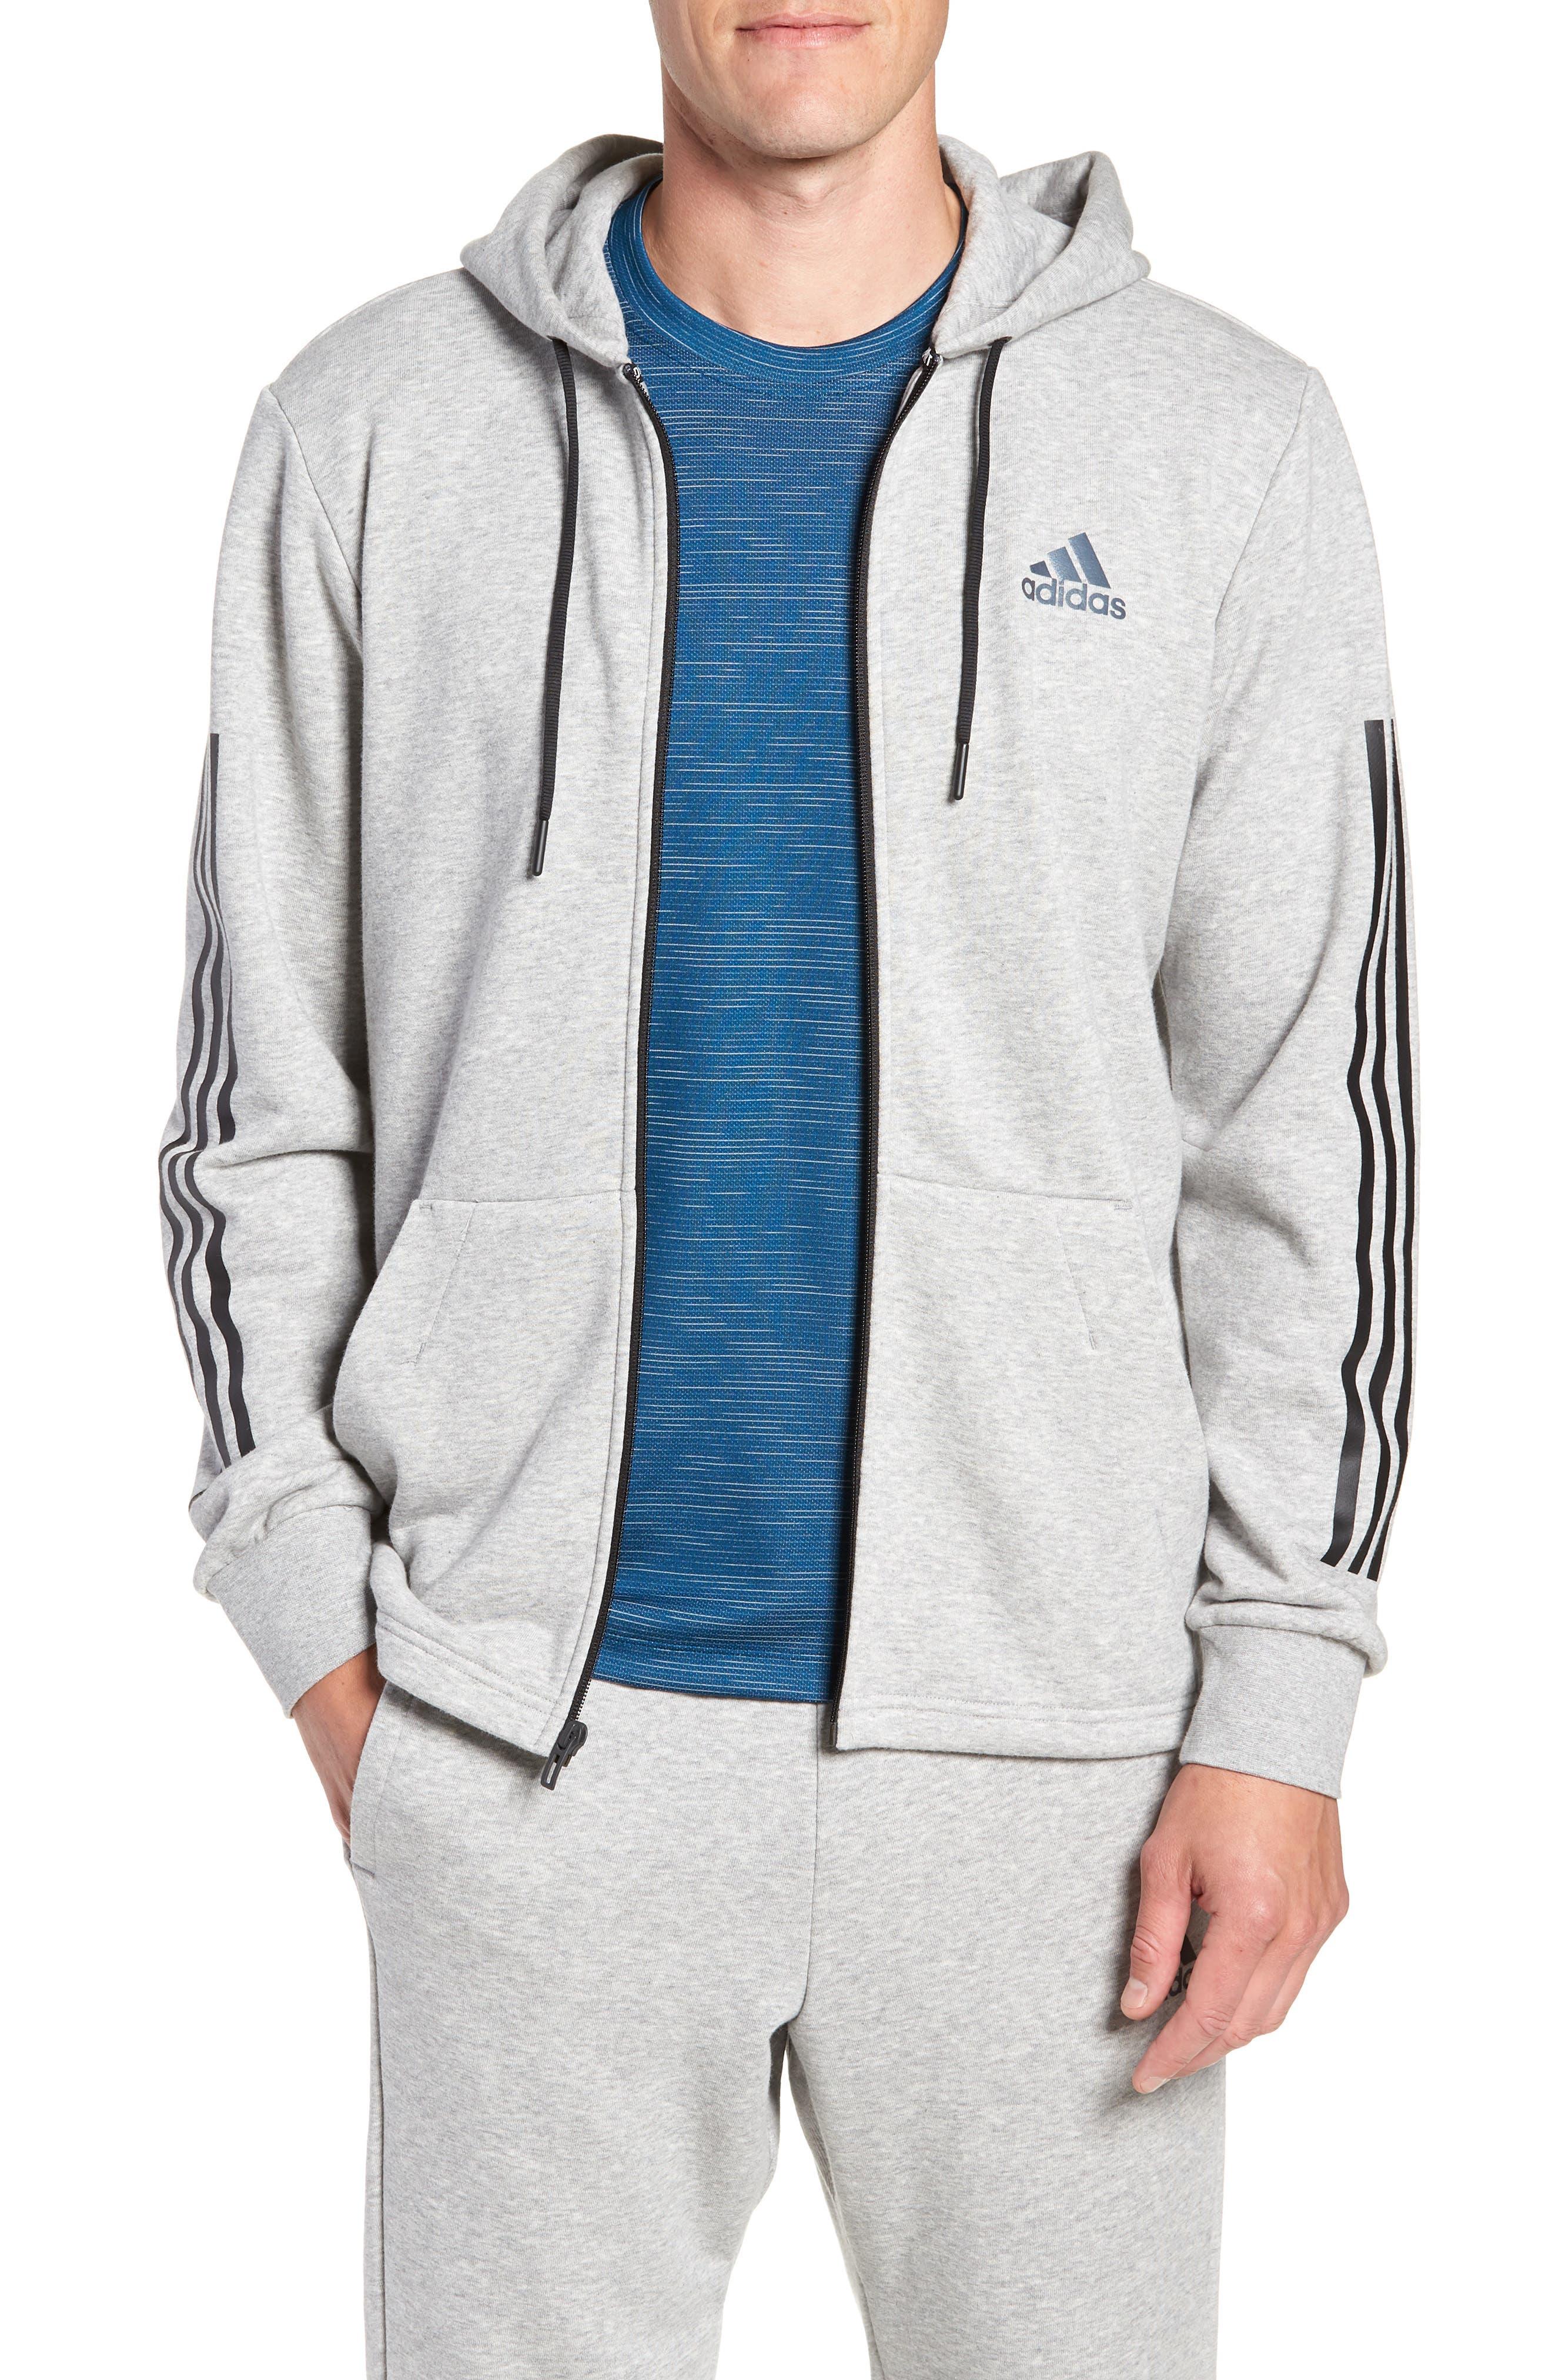 Adidas 3-Stripes Full Zip Hoodie, Grey